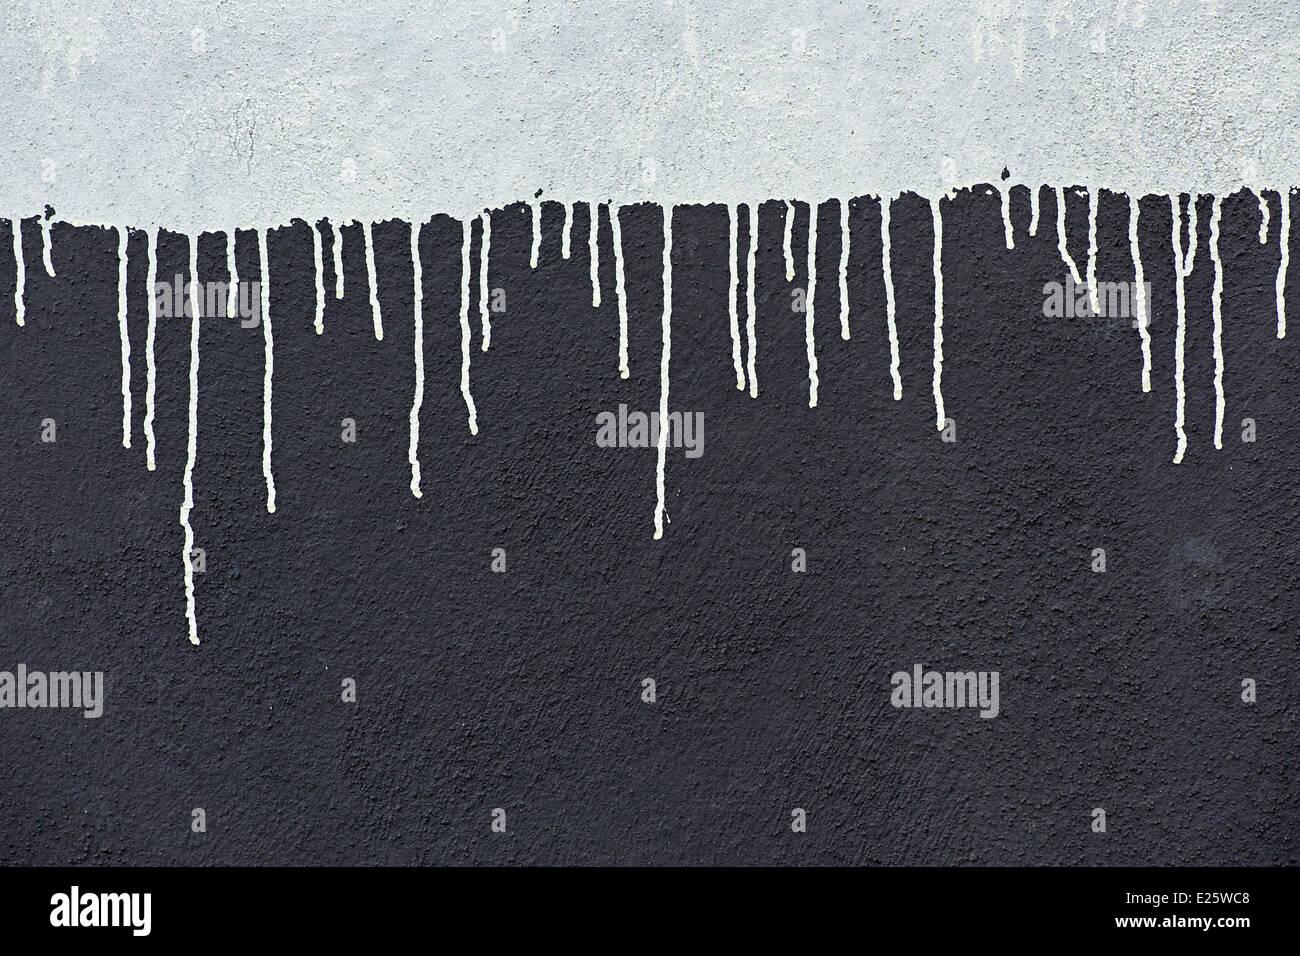 Vernice grigio scende al buio su un muro grigio Immagini Stock